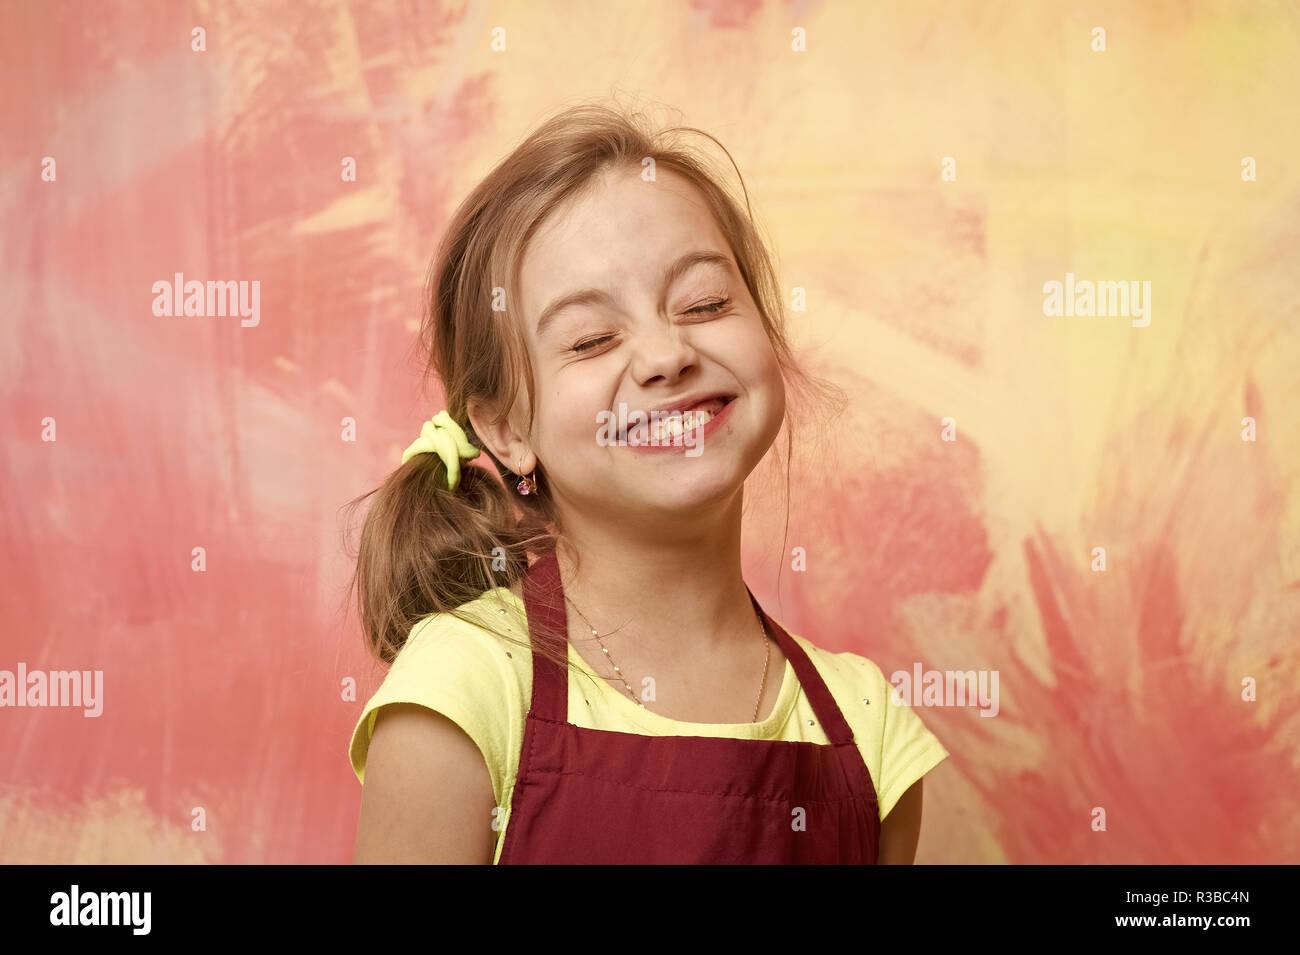 Chef niño con cara feliz. La pequeña niña sobre fondo de colores. La  infancia bc2b7f18314d